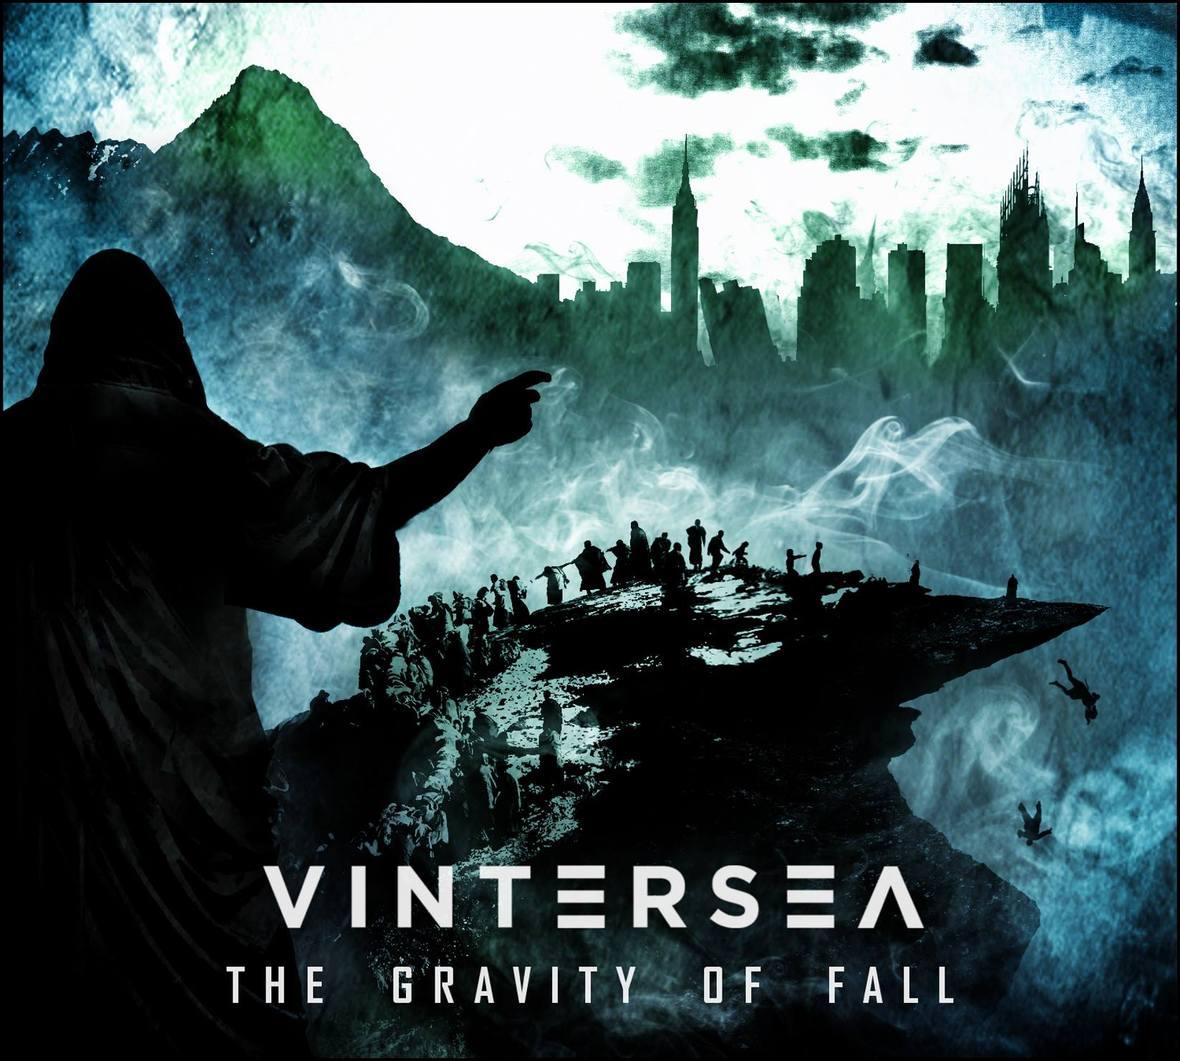 VinterseaAlbum